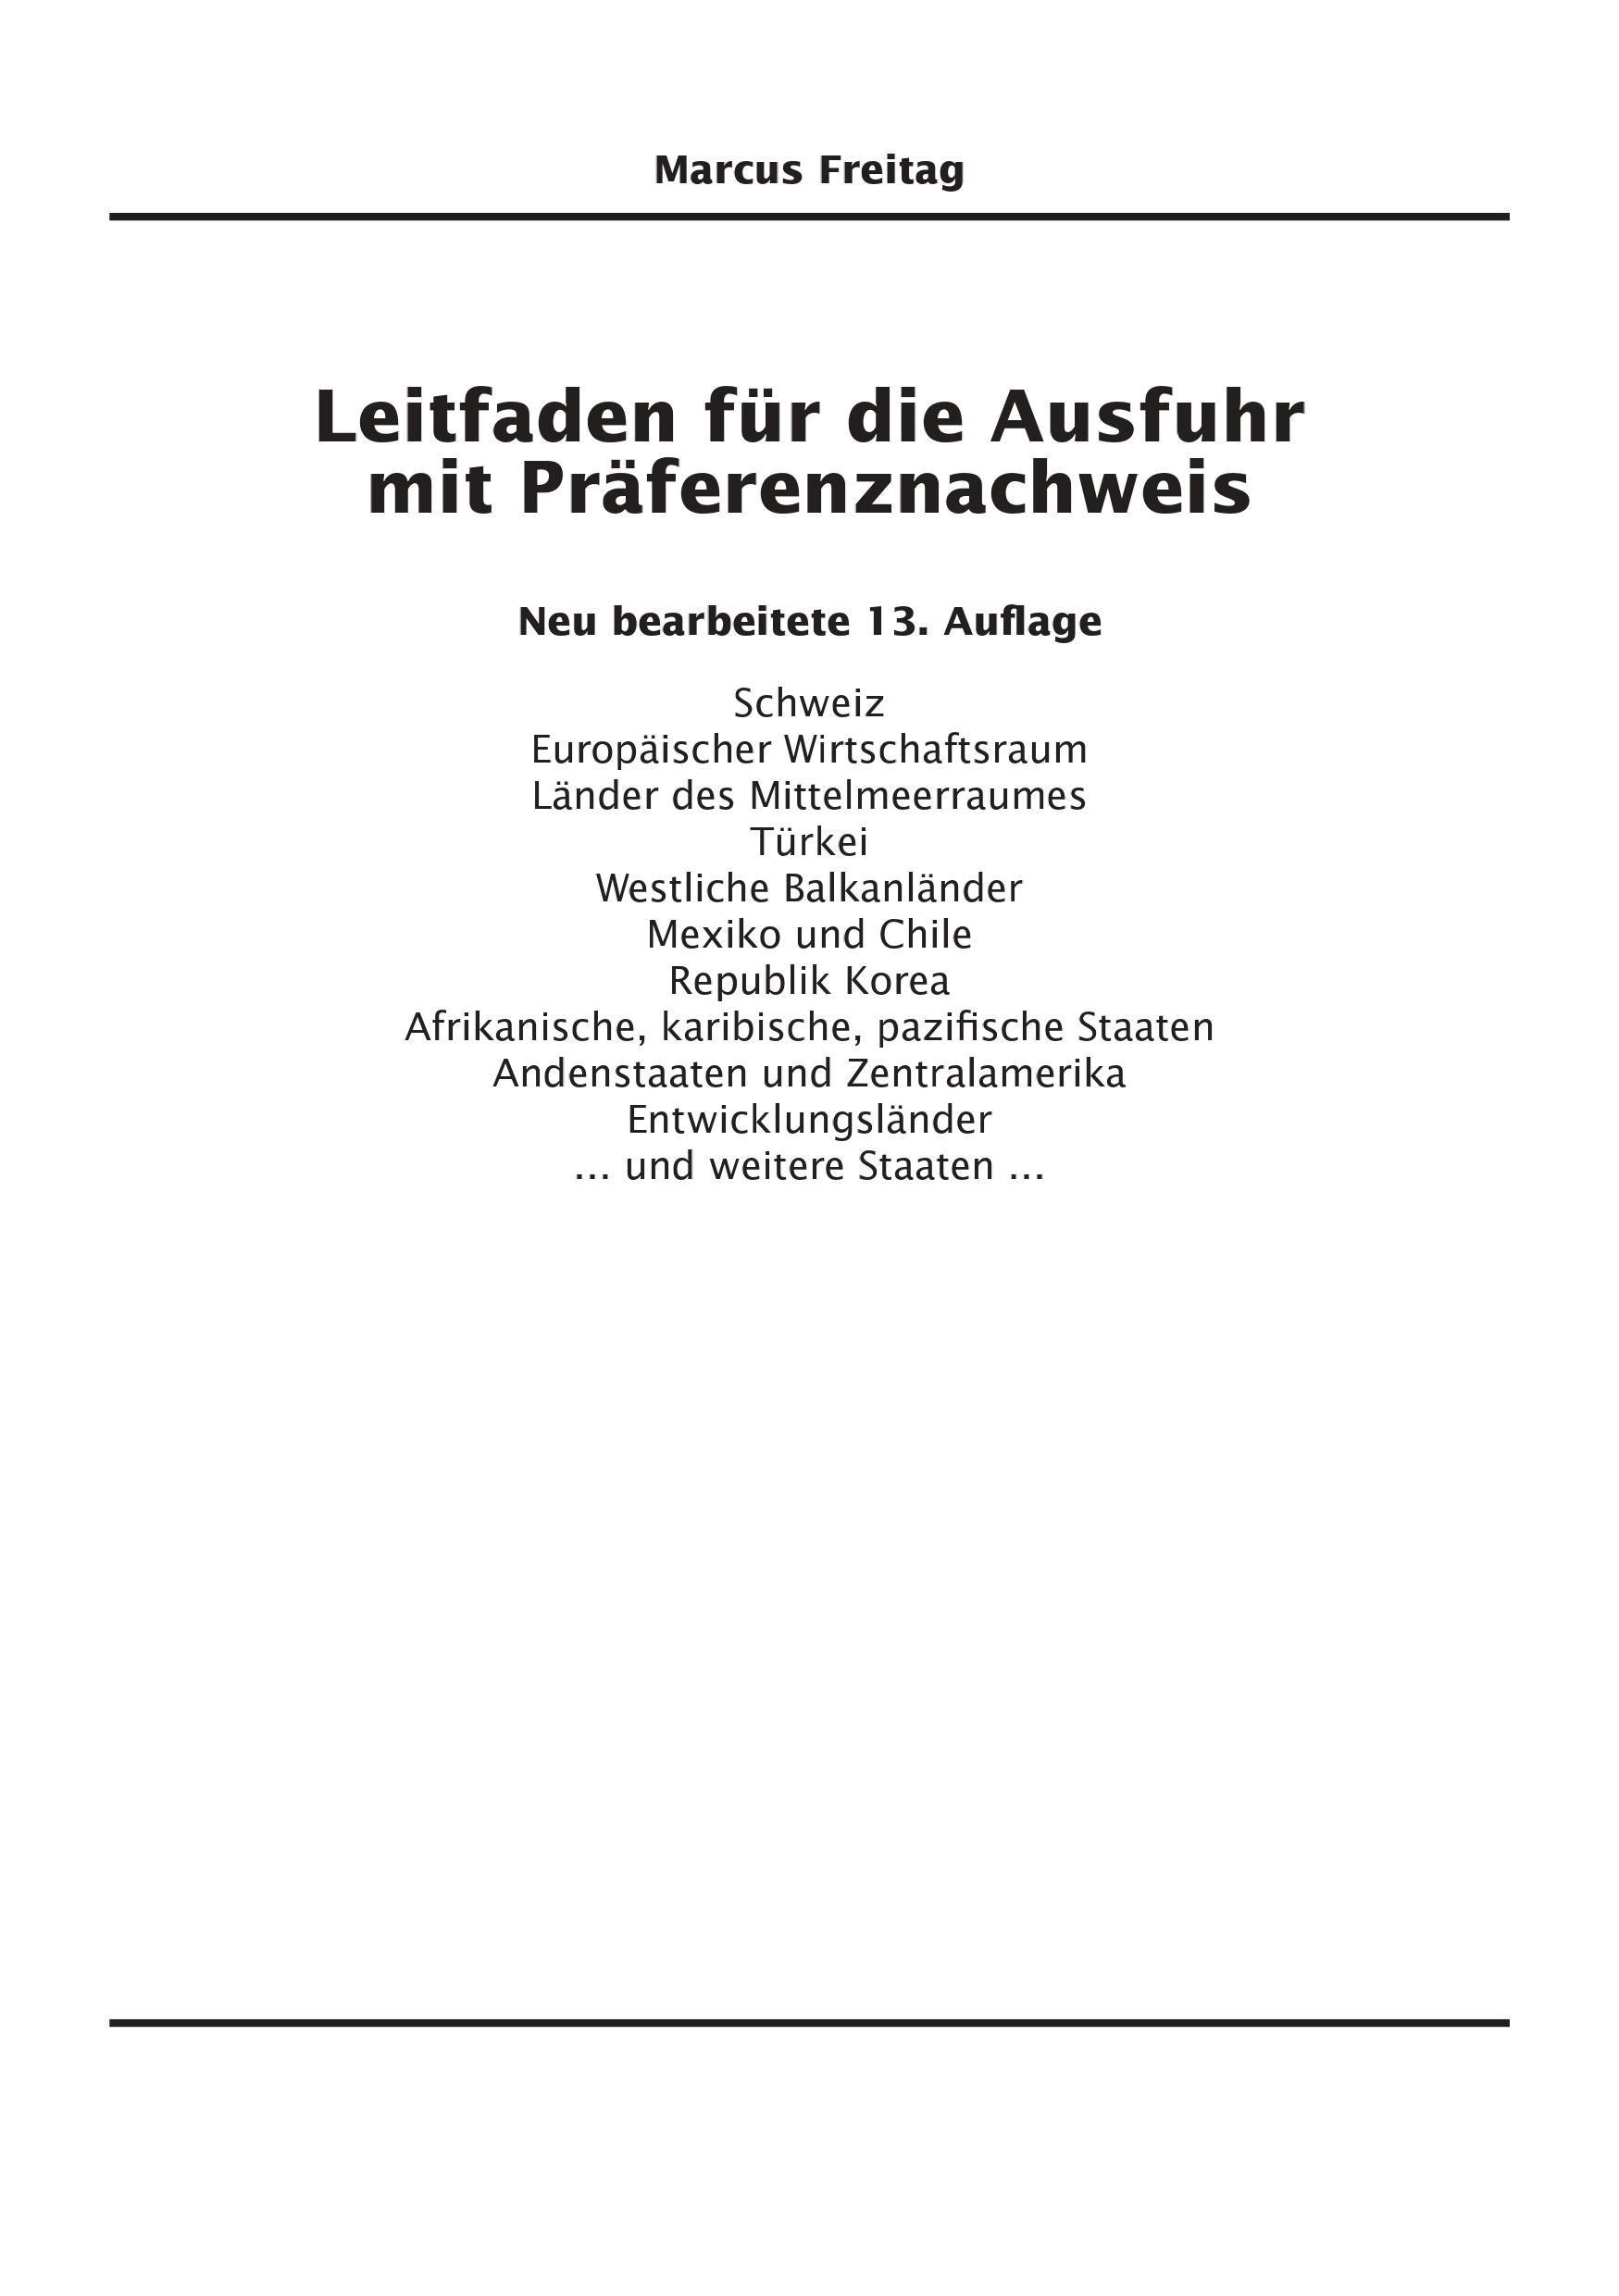 Fein Ursprungszeugnisvorlagen Fotos - Entry Level Resume Vorlagen ...